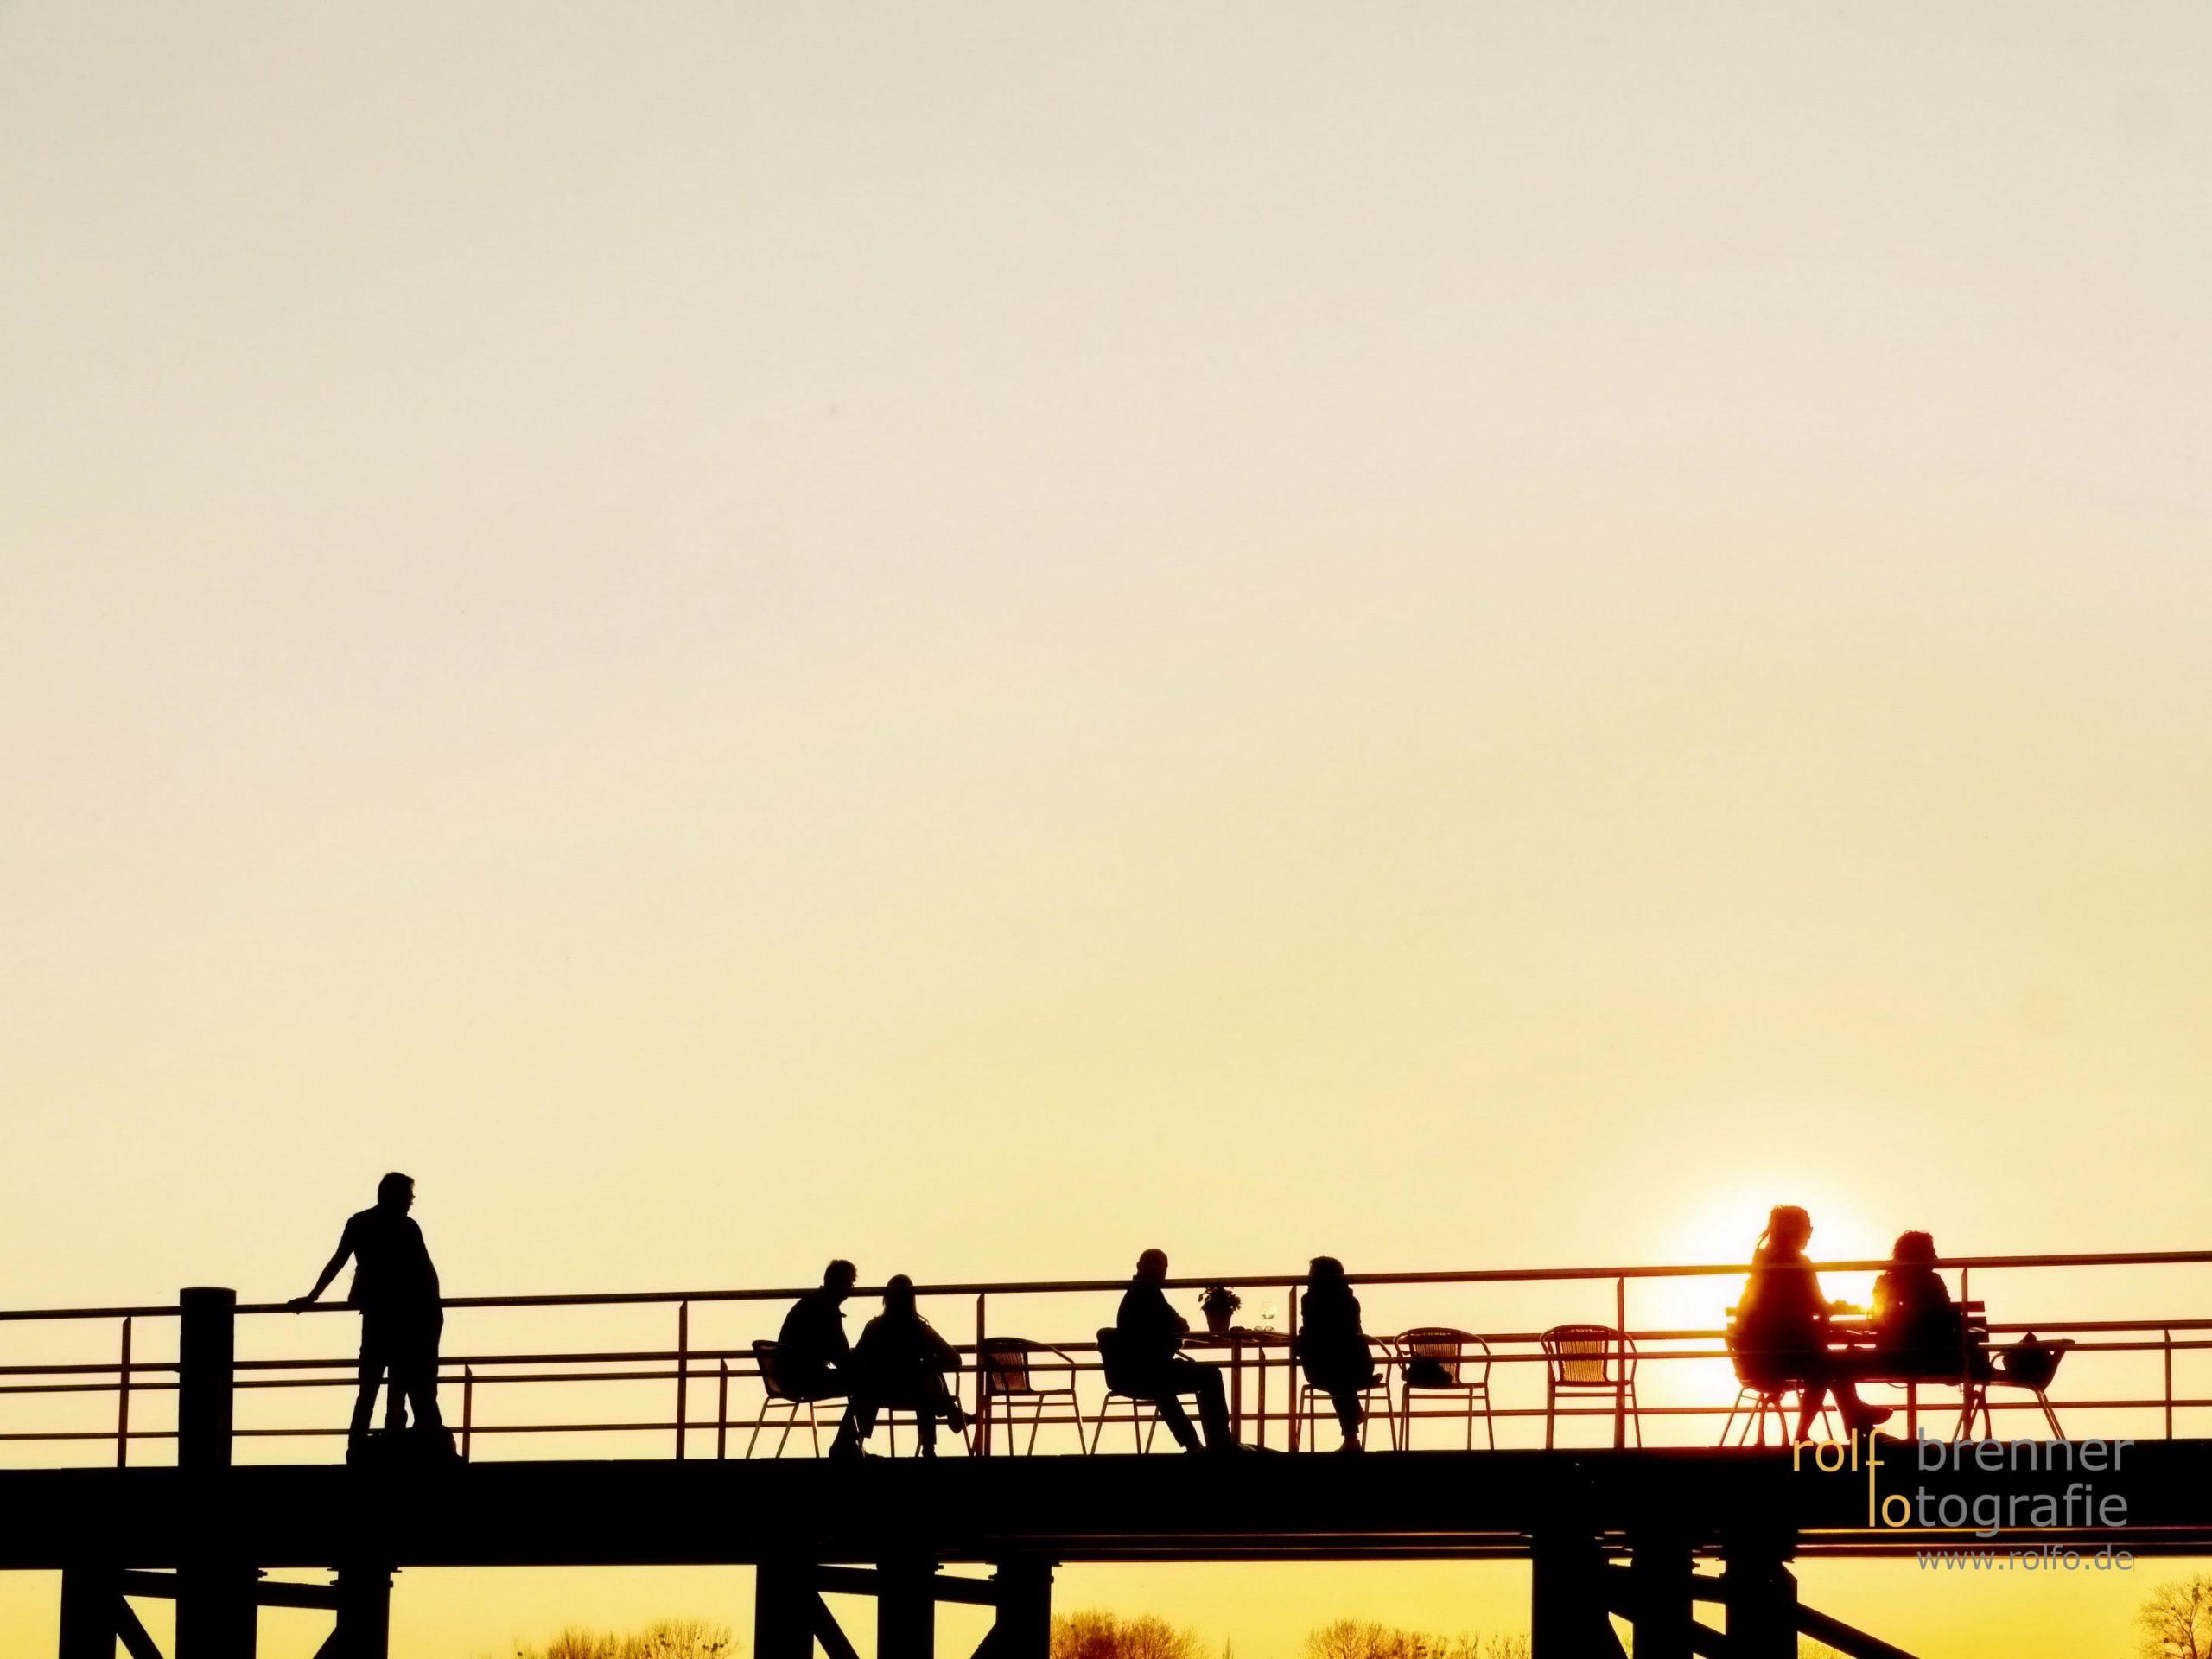 Sonnenuntergang bei Kressbronn